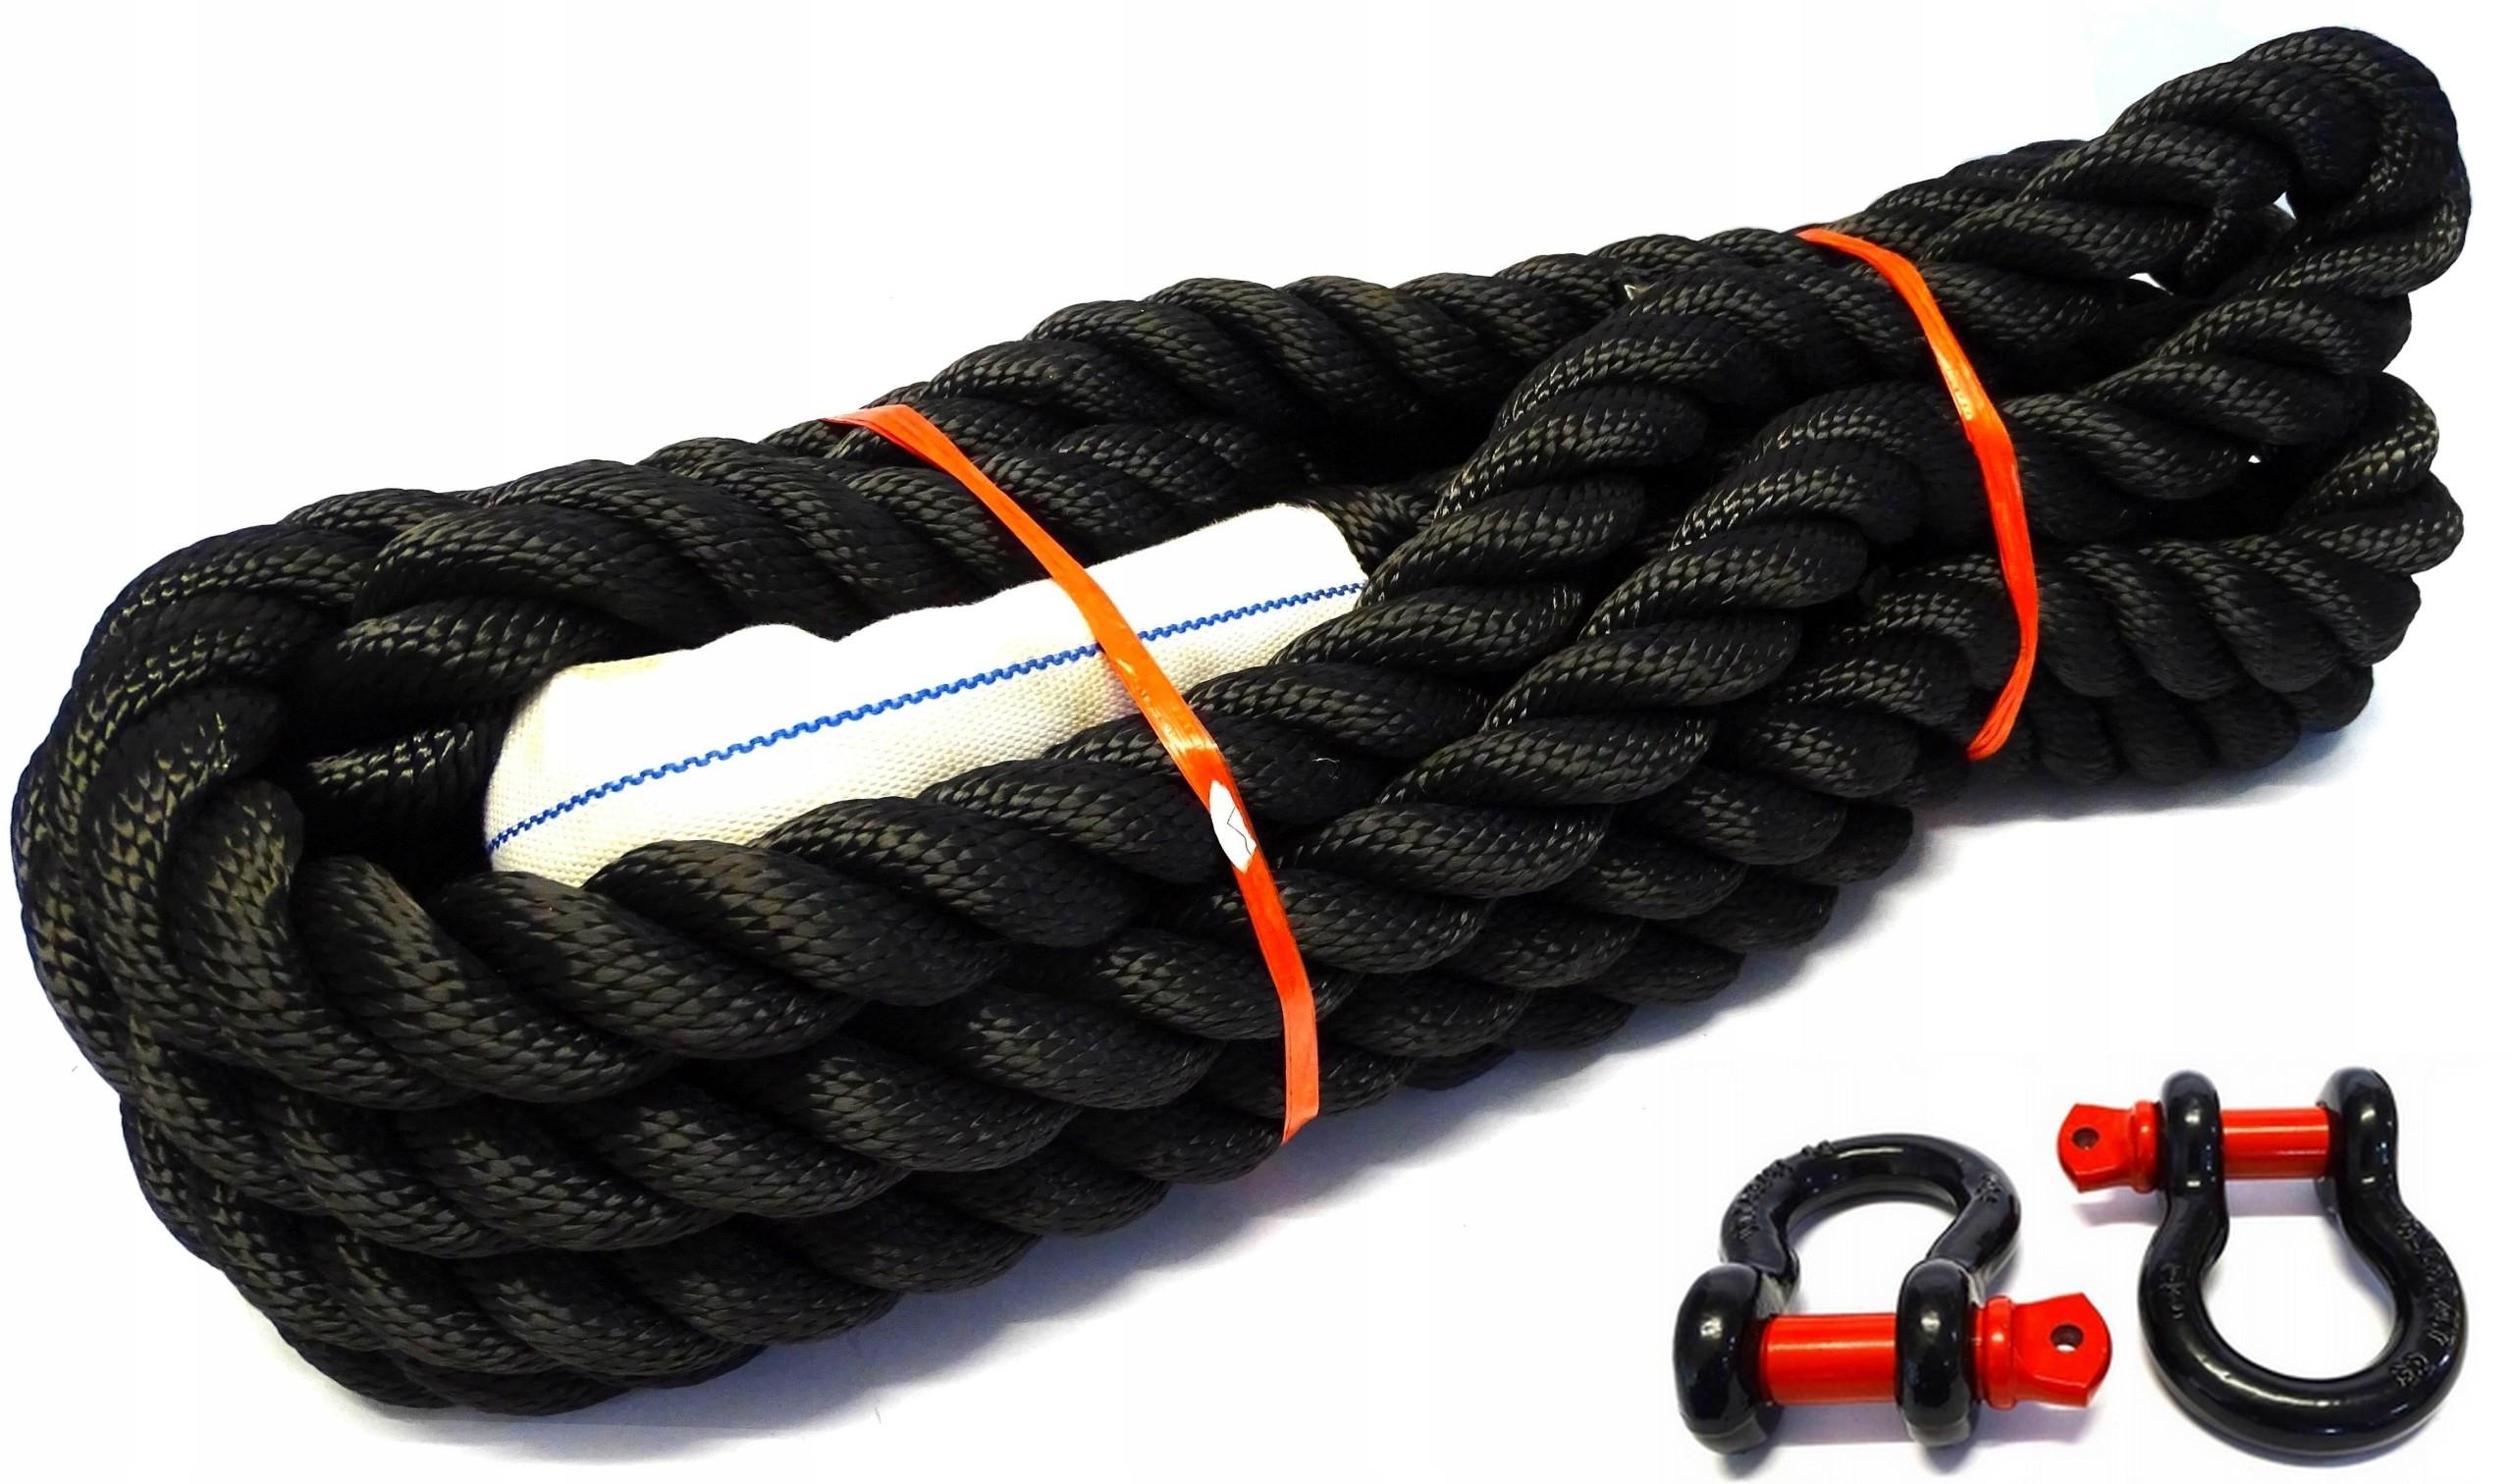 KINETIC Веревка KINETIC 4X4 + 2 ВЗЛОМА 32 мм x 8 м 22Т